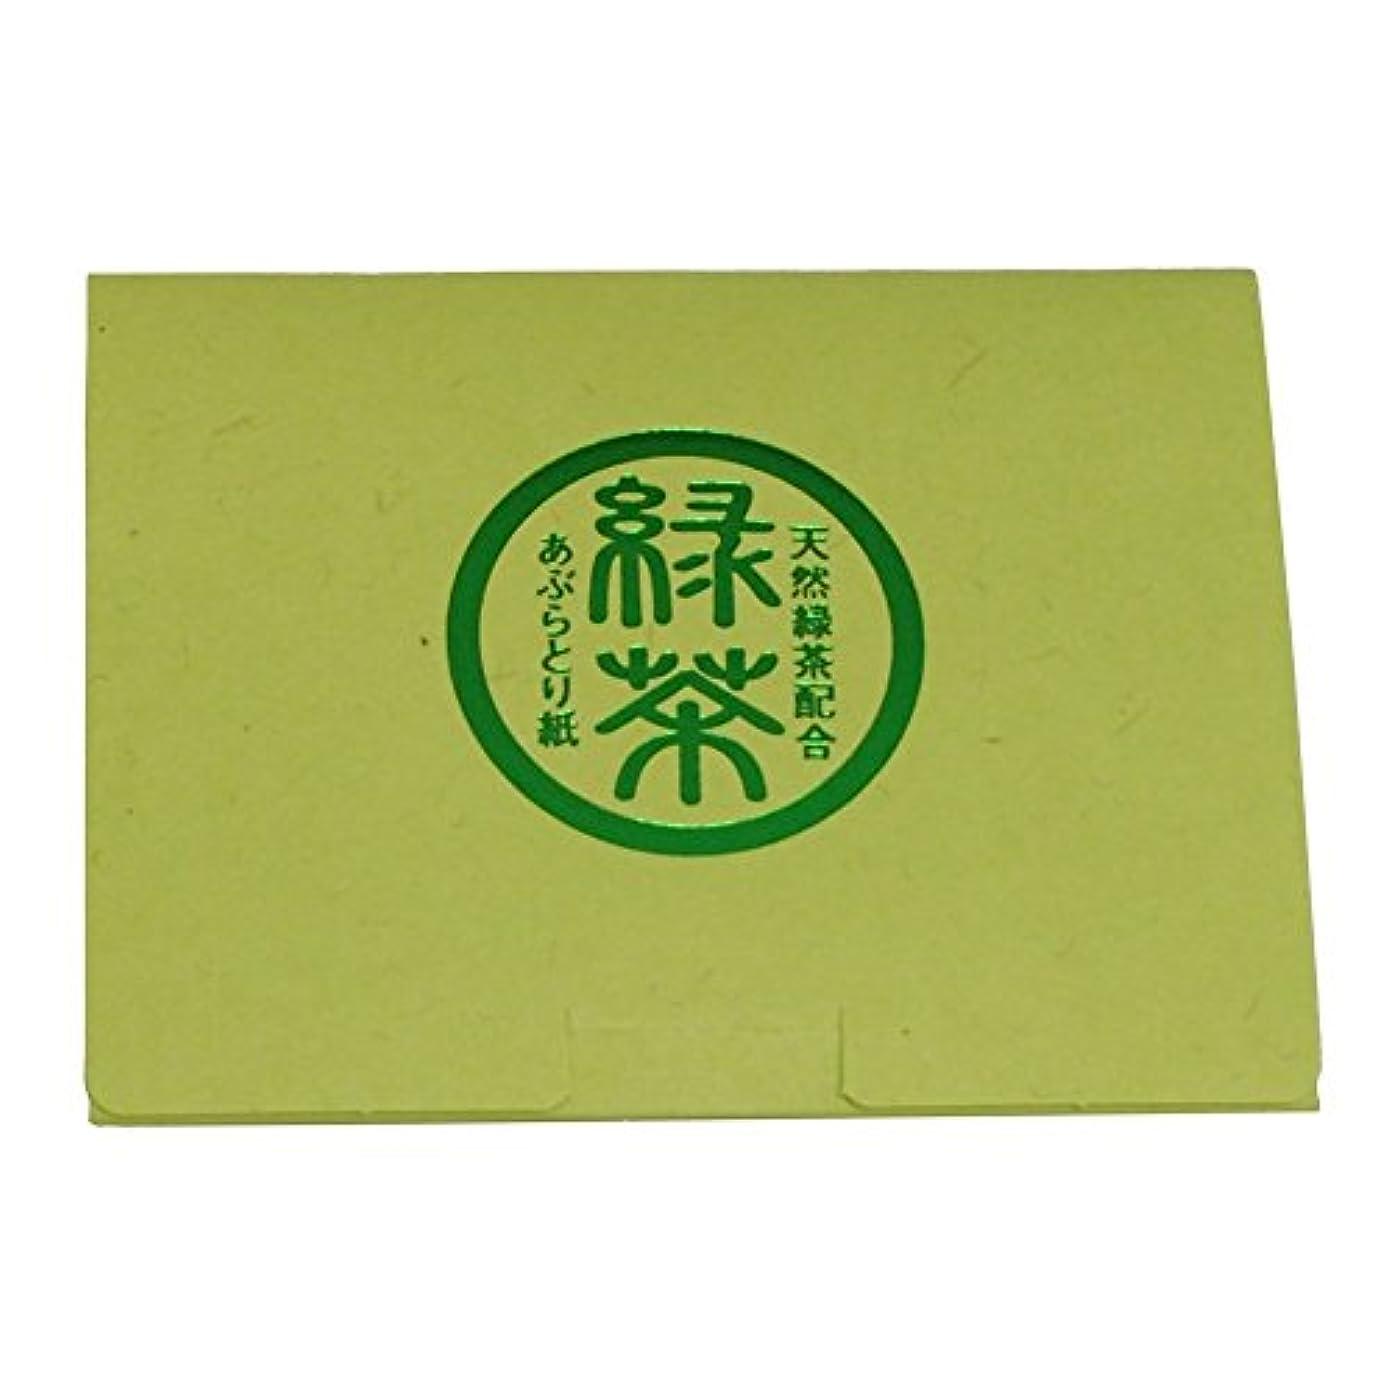 米長 天然緑茶配合 あぶらとり紙 高級 日本製 100枚入り